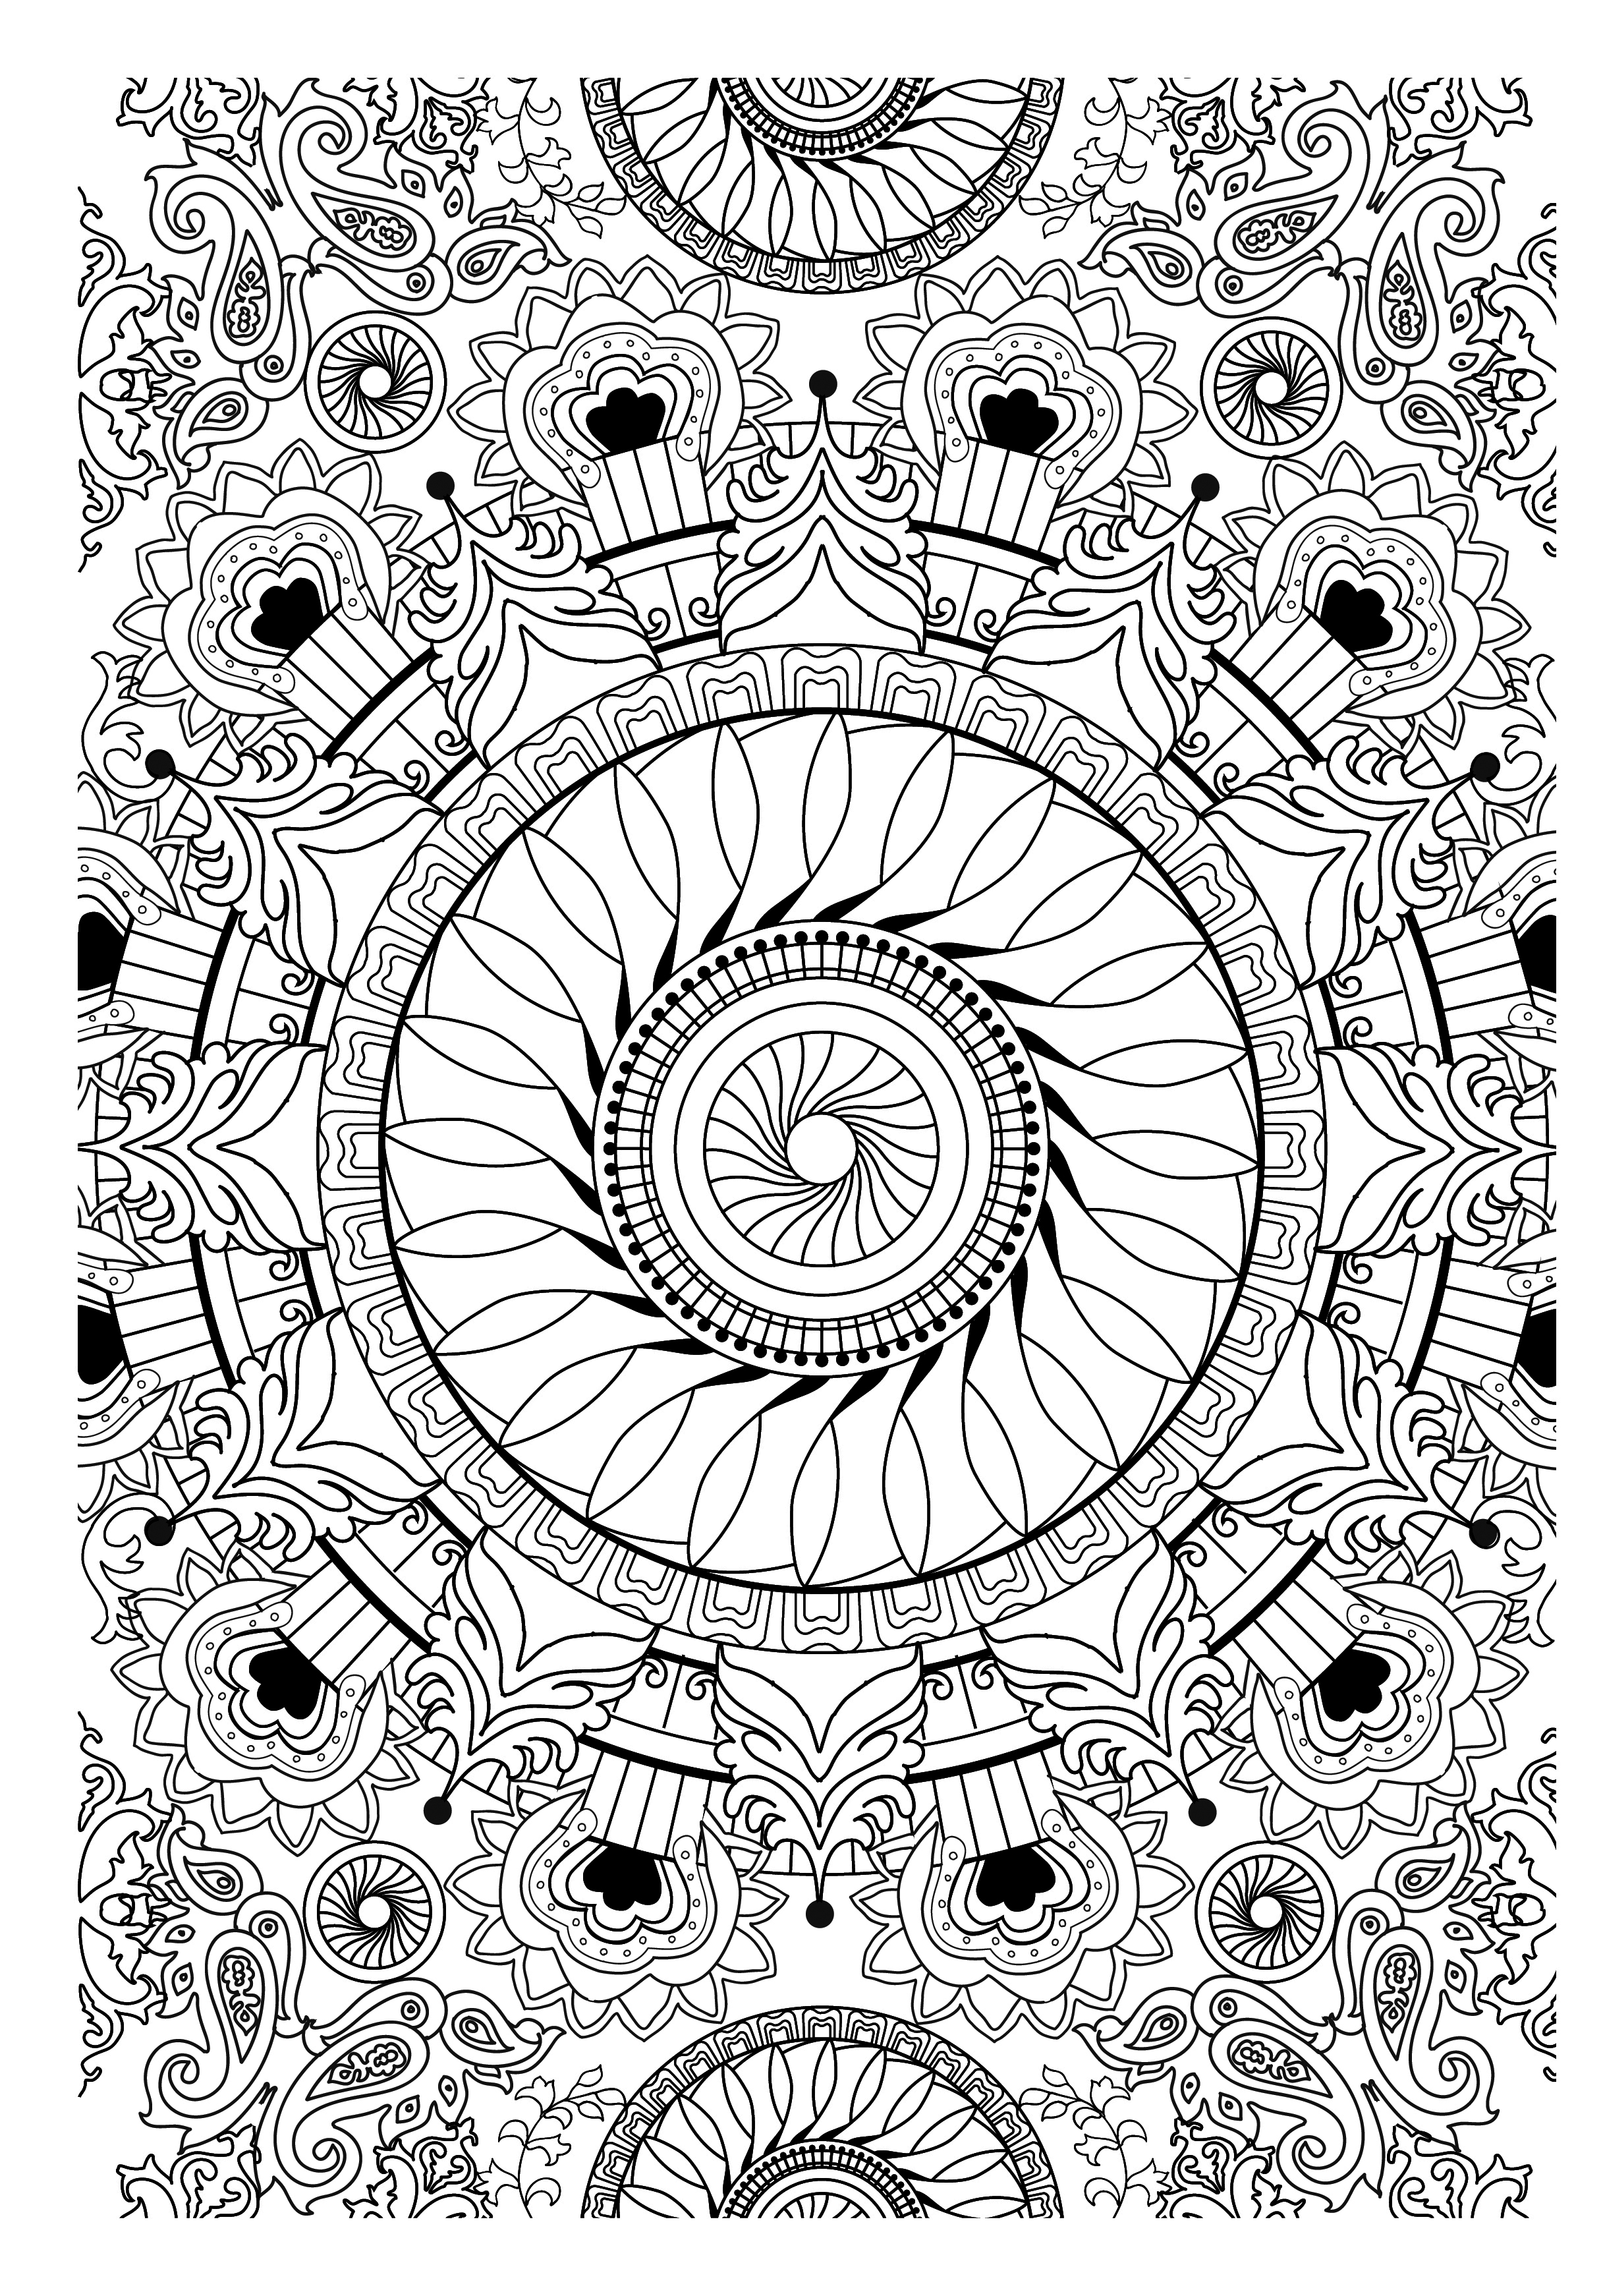 71 dessins de coloriage anti stress imprimer sur - Coloriage anti stress disney ...